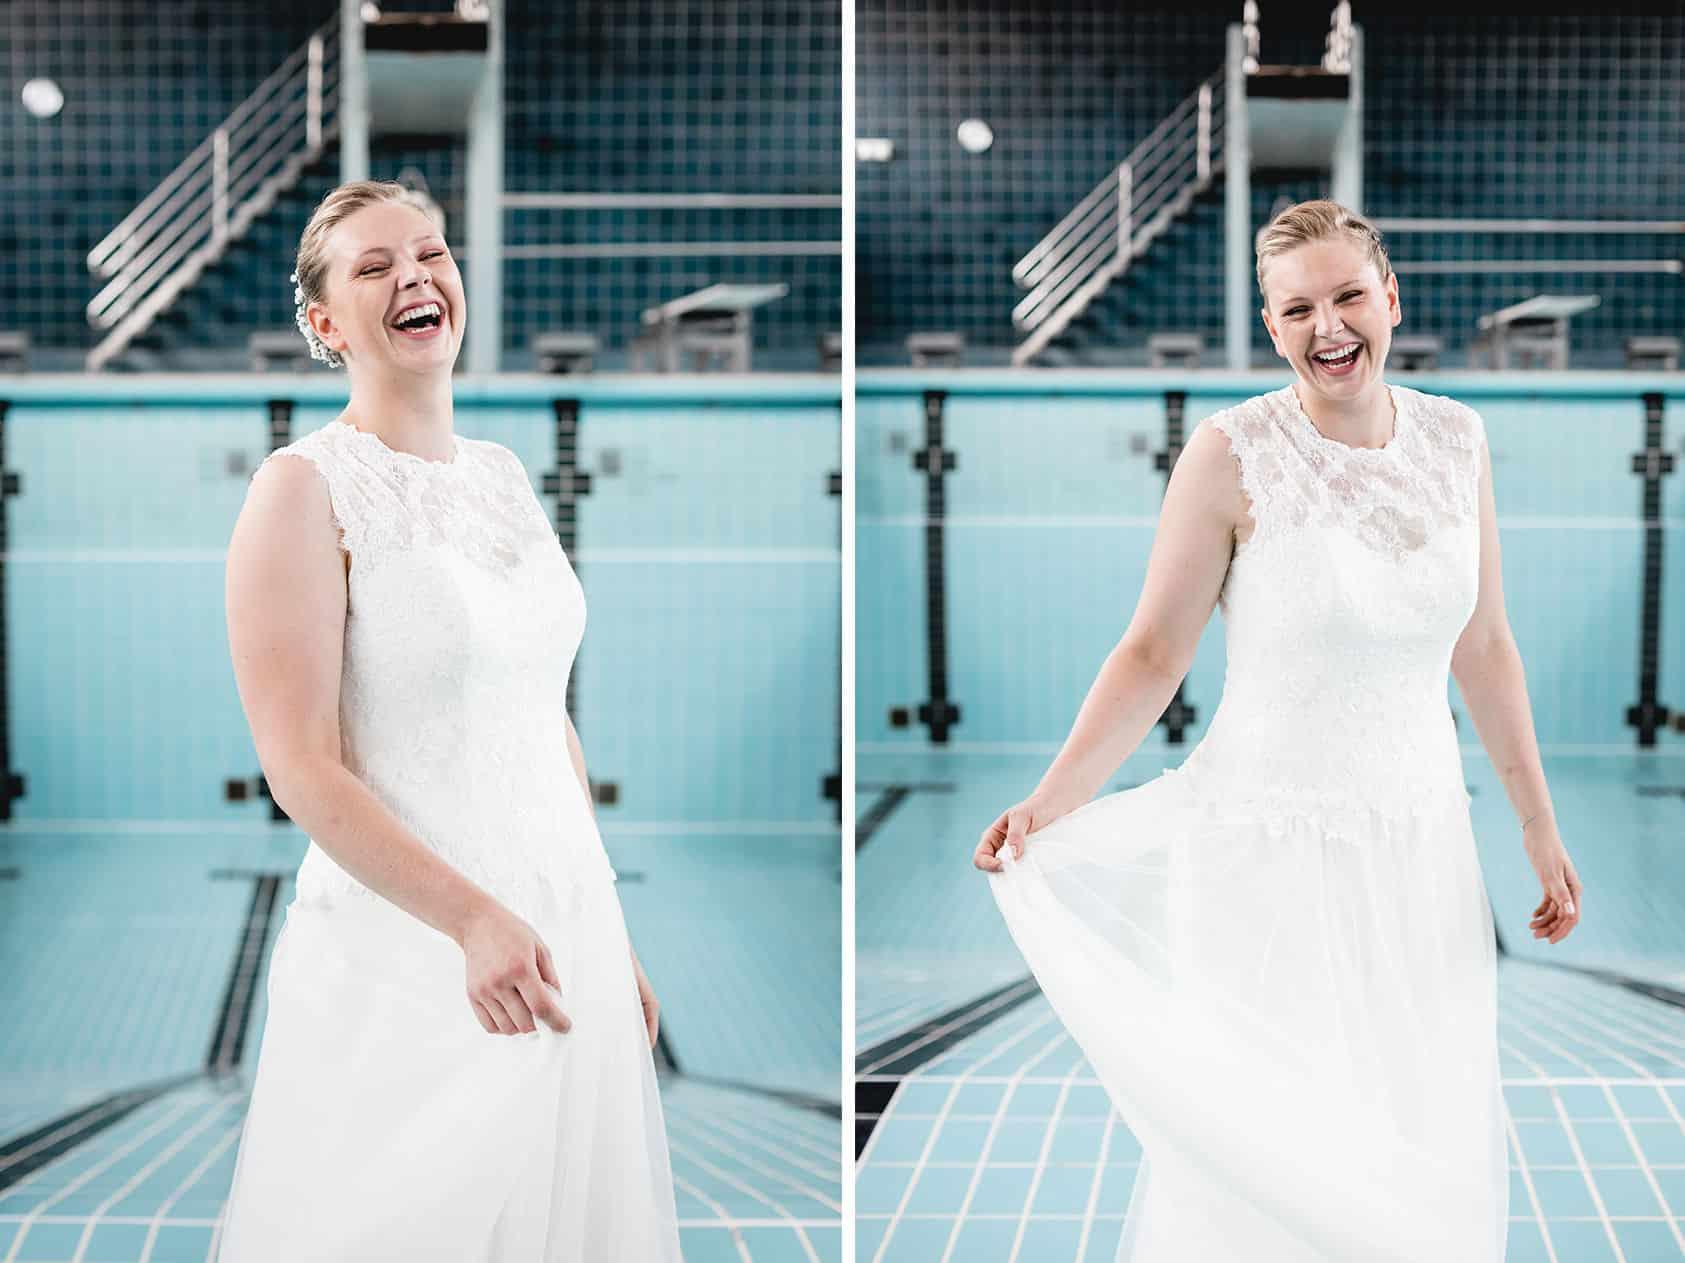 Hochzeitsfotograf-Darmstadt-Vintagehochzeit-Schloss-Fechenbach-Dieburg-Standesamt-Katharina-Zwerger-Heiraten-in-Darmstadt-Wedding